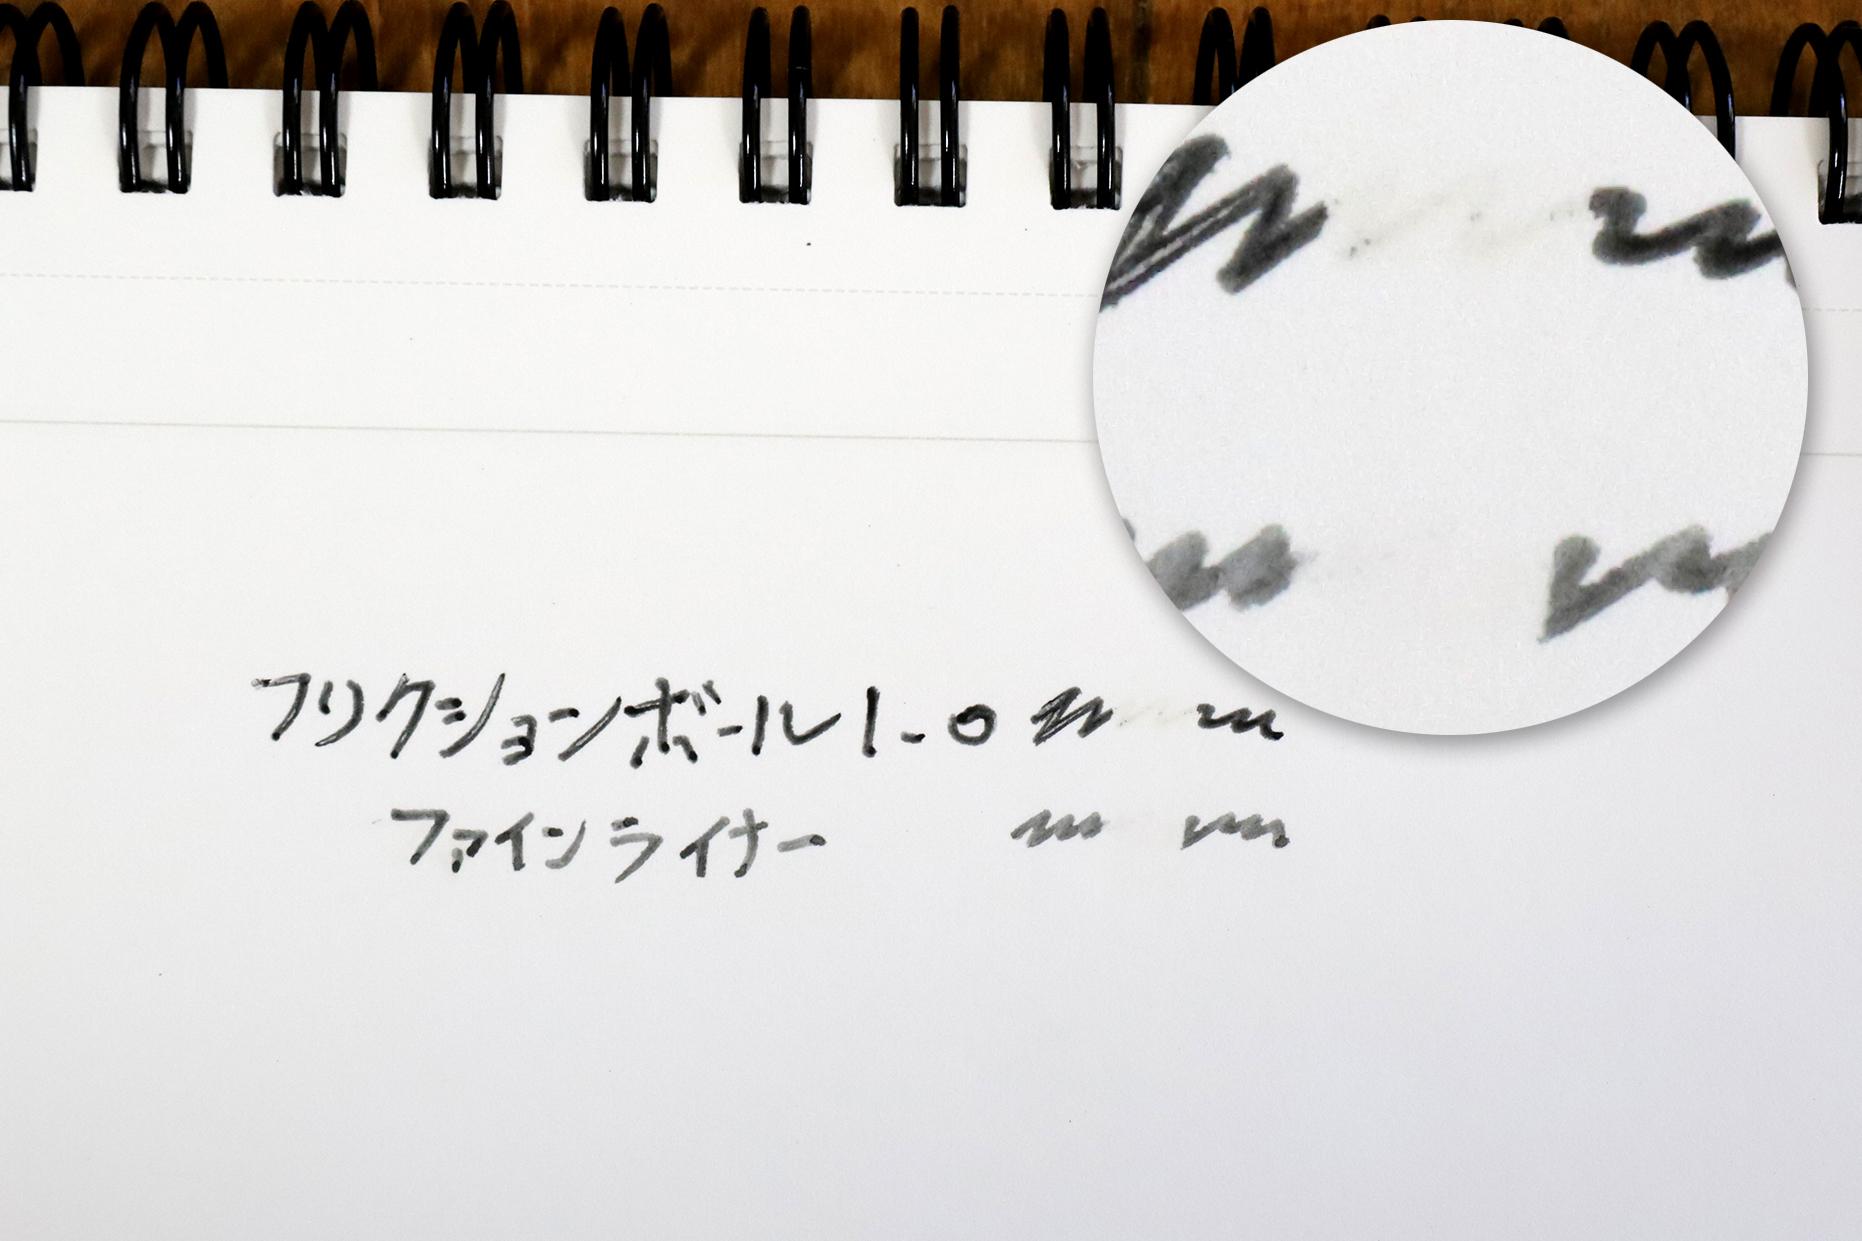 ↑加熱消字機による消し跡の比較。元の色が薄いこともあるが、ボールペン(上)よりファインライナーの方がきれいに消えている